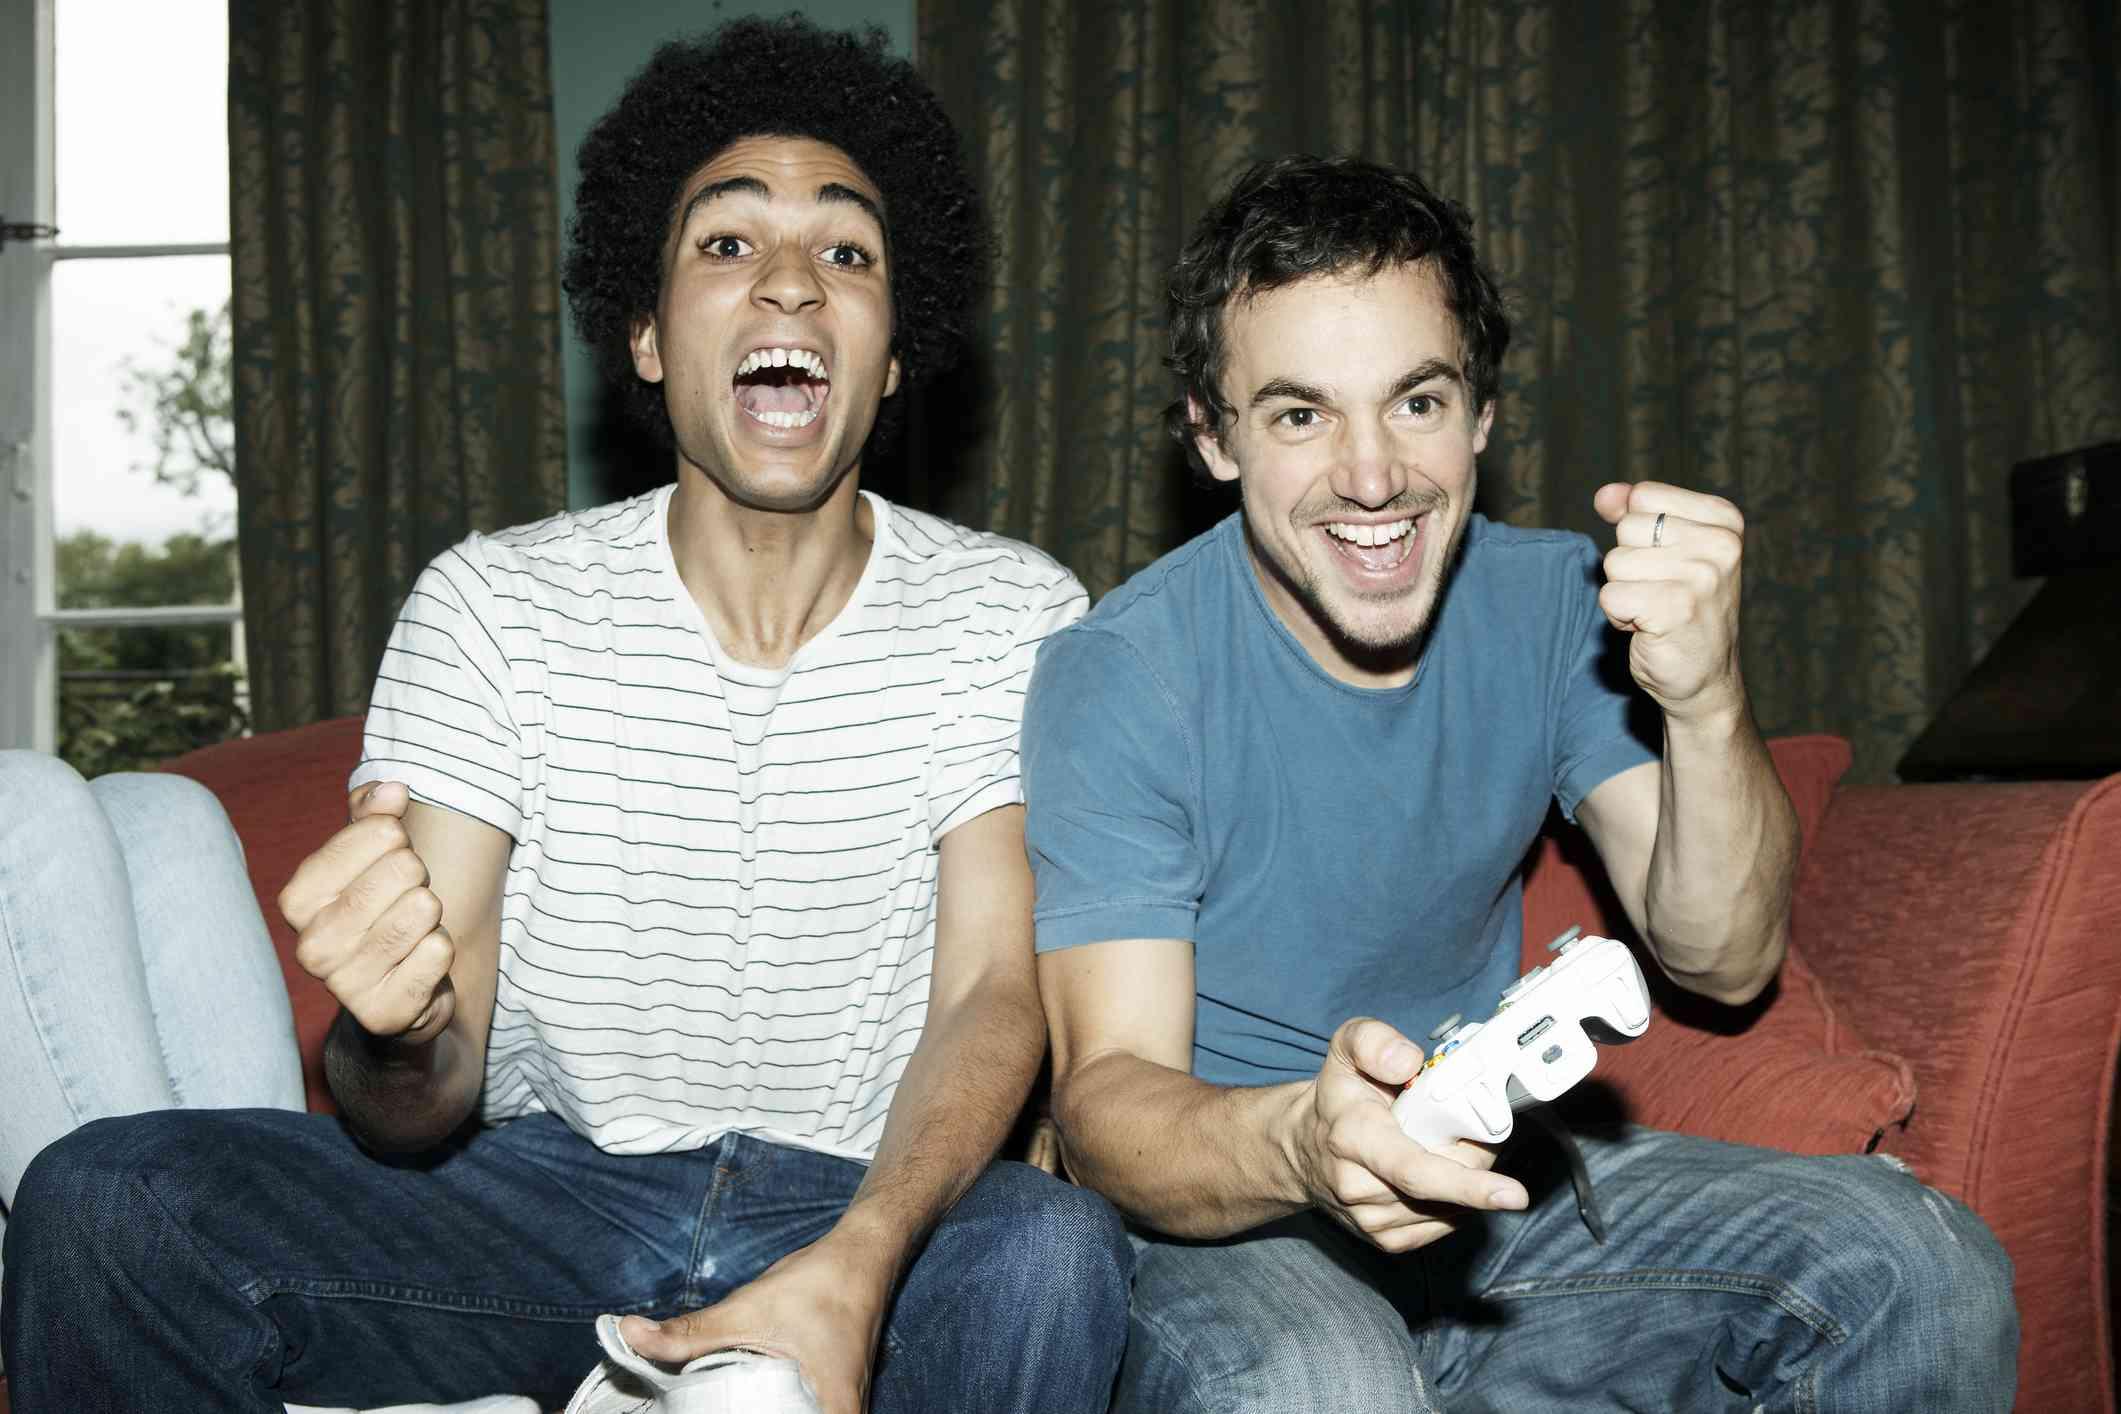 Guys playing game